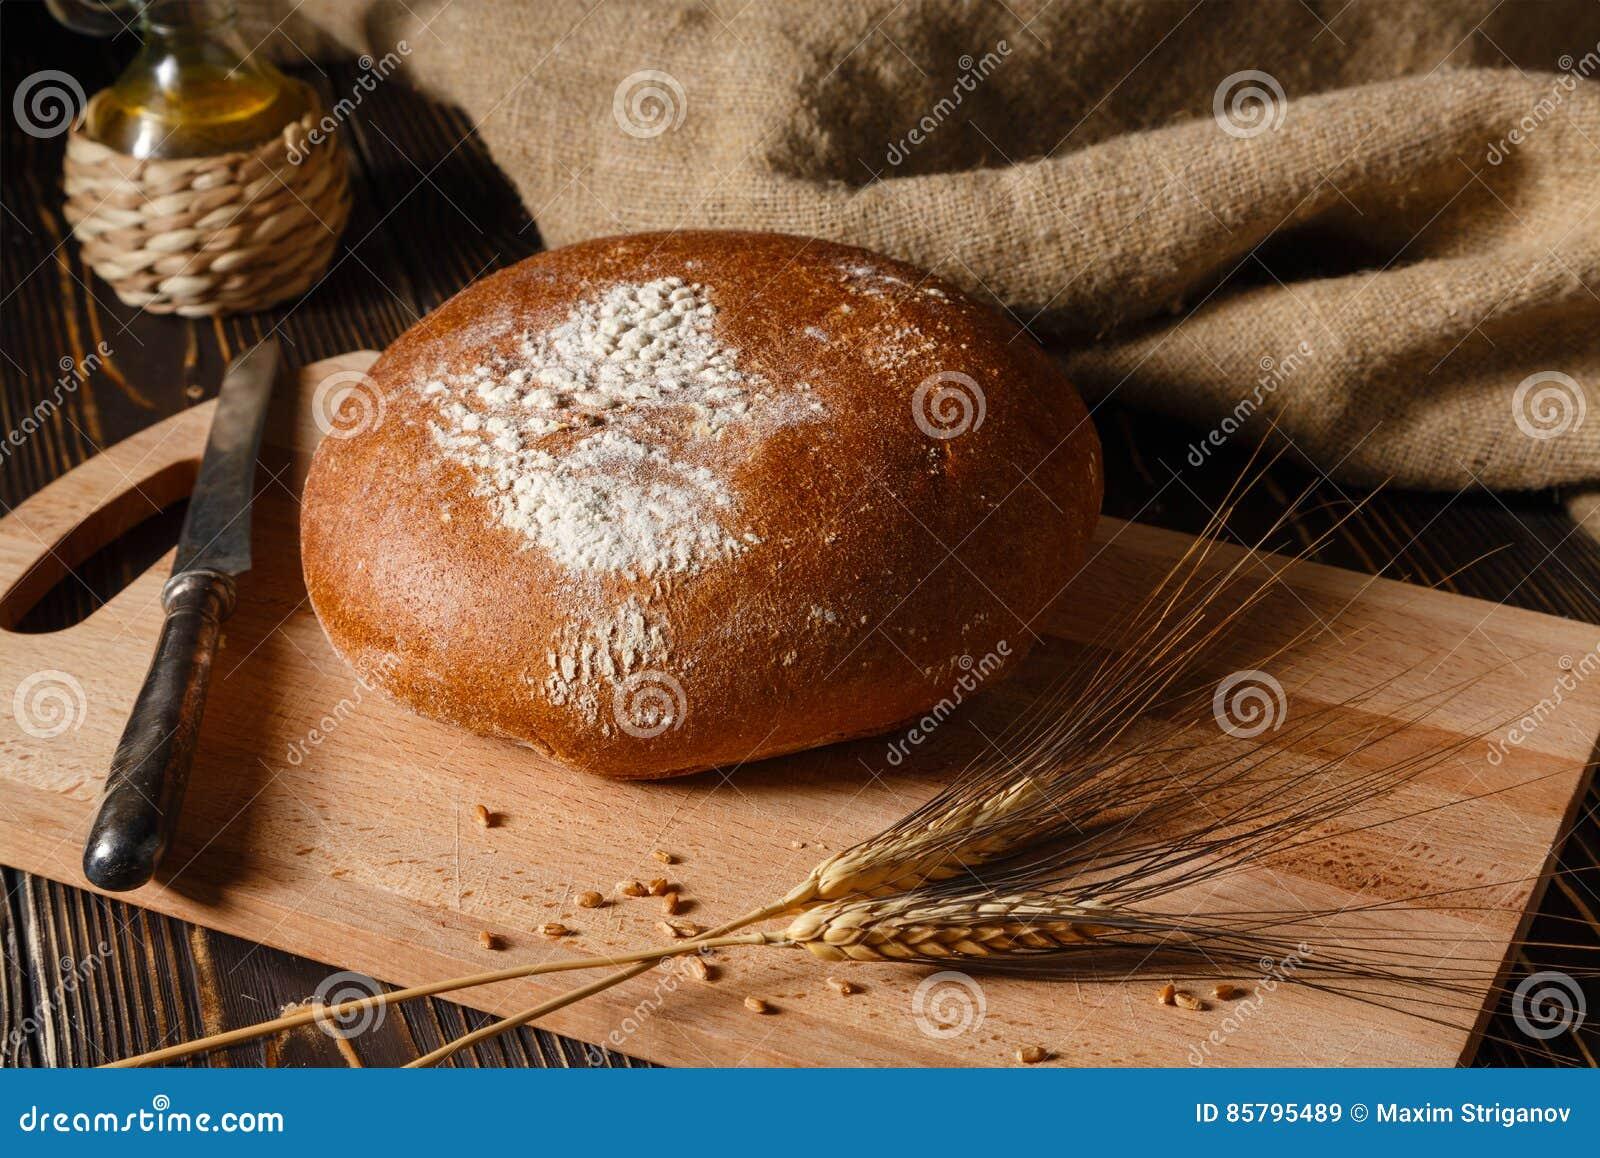 Le pain de seigle rural se trouve sur une table